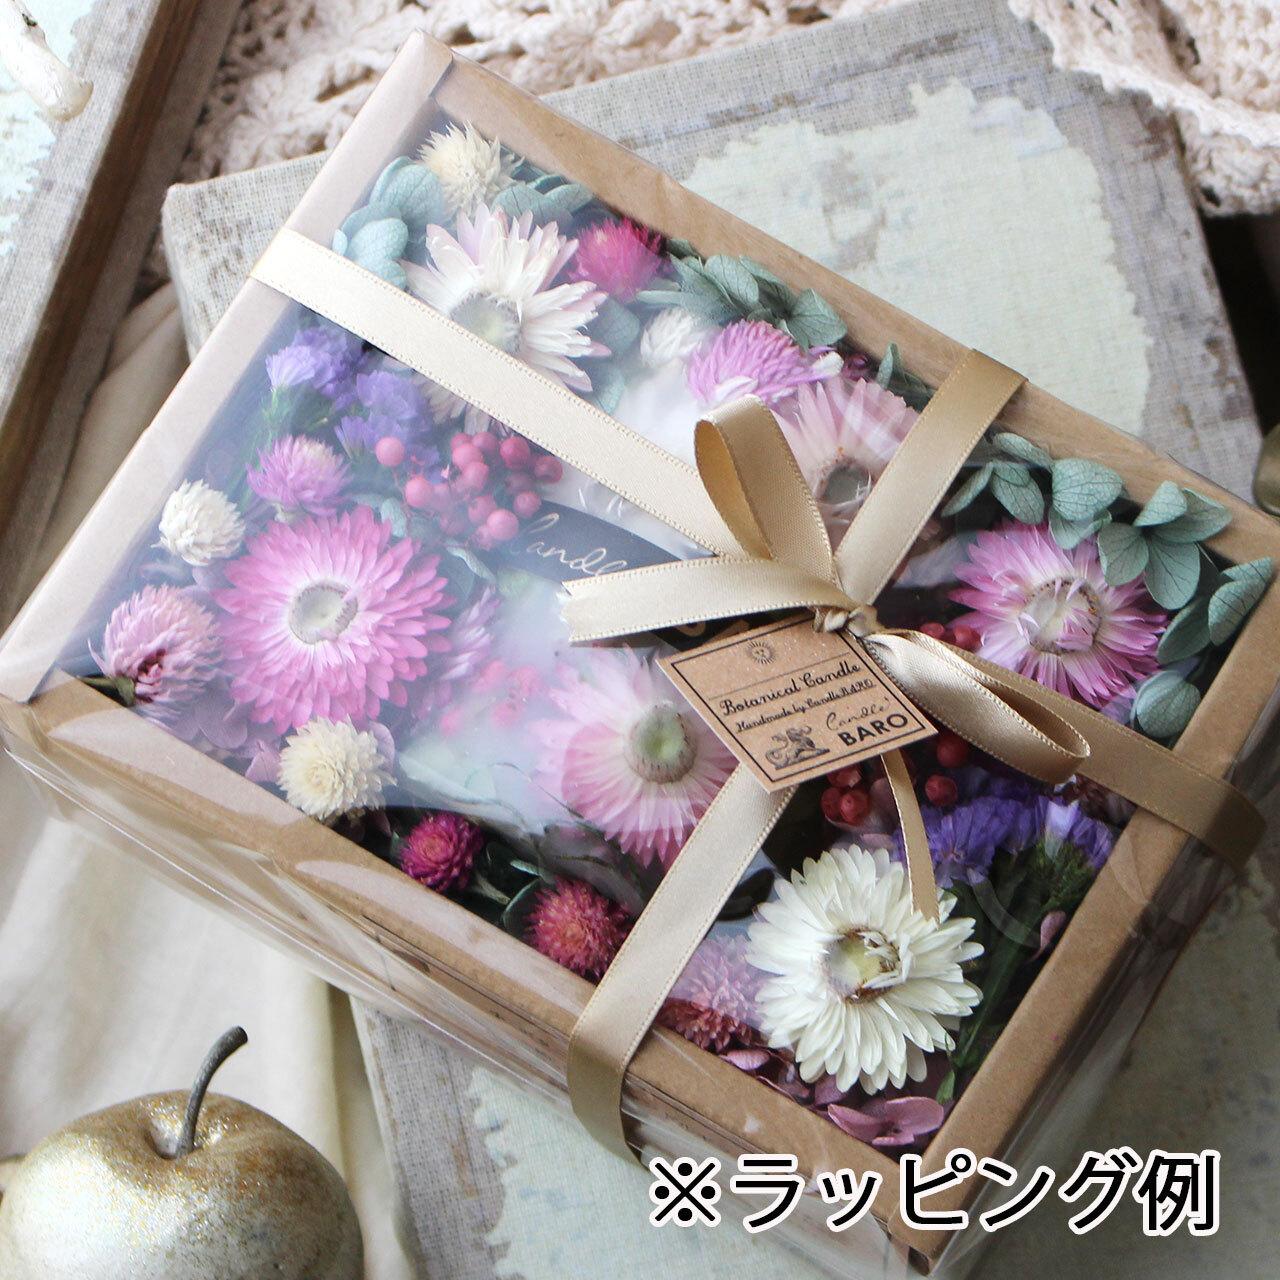 H487 透明ラッピング&紙袋付き☆ボタニカルキャンドルギフト ヘリクリサム